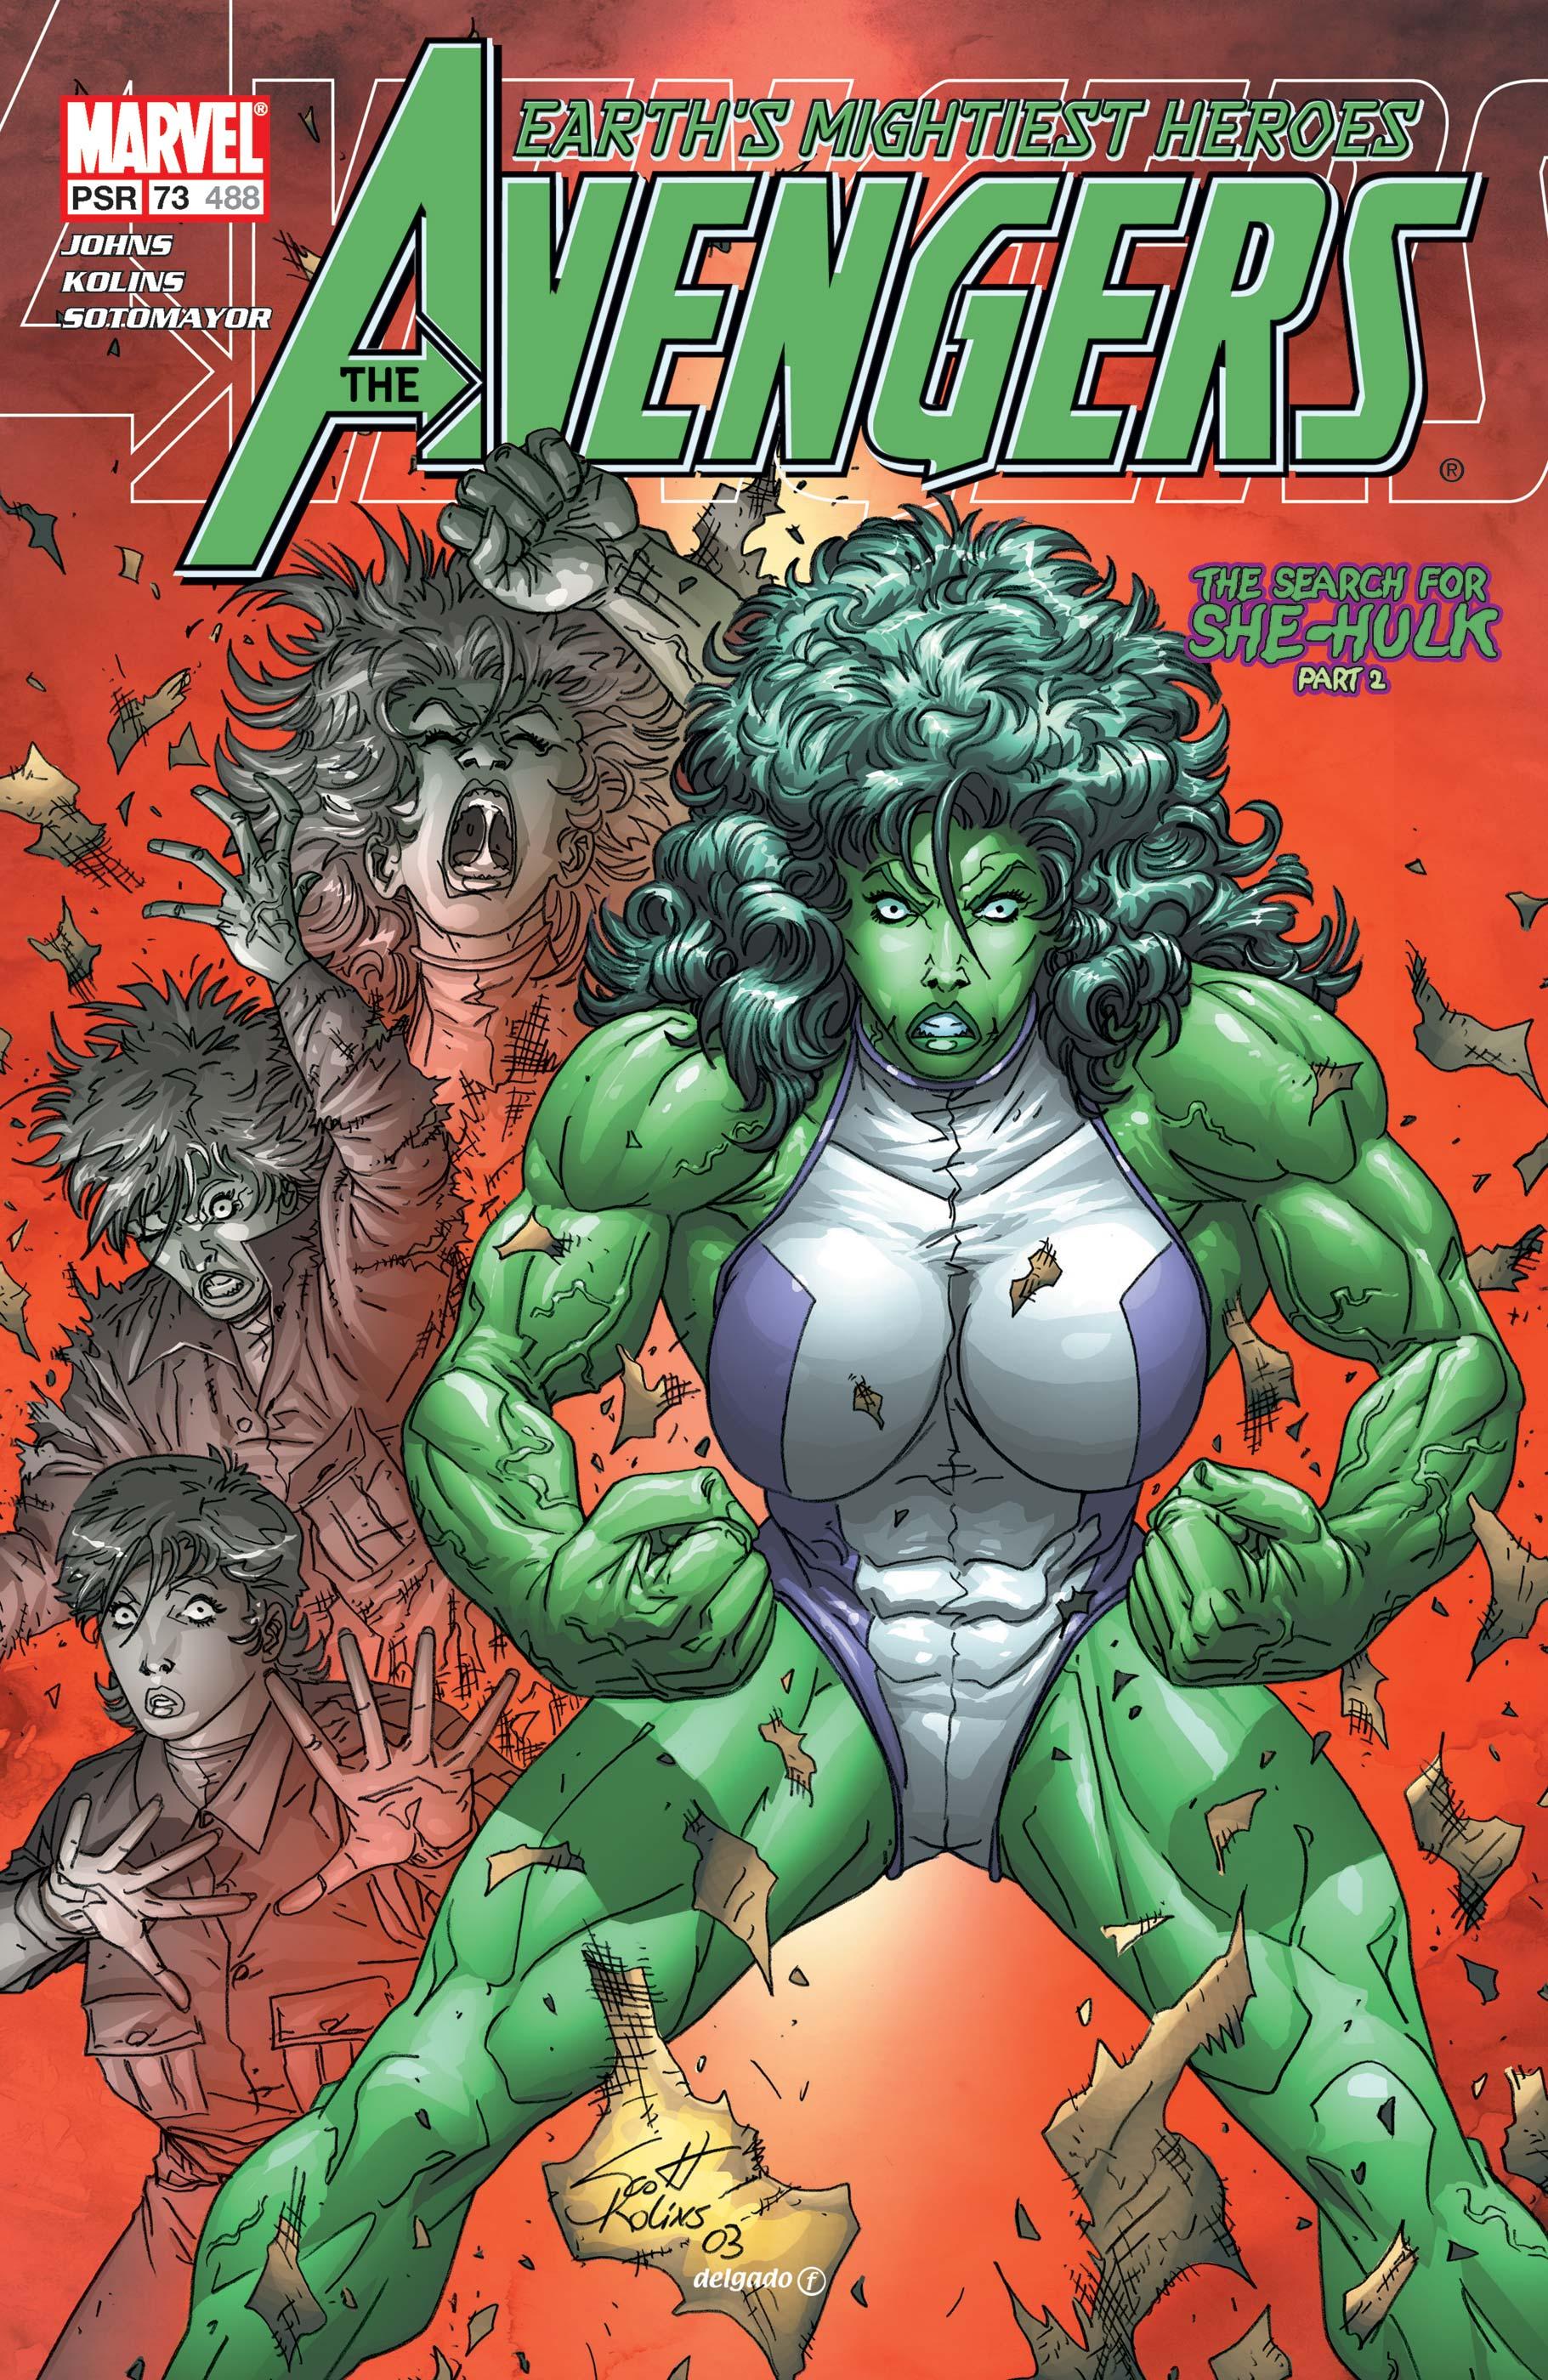 Avengers (1998) #73